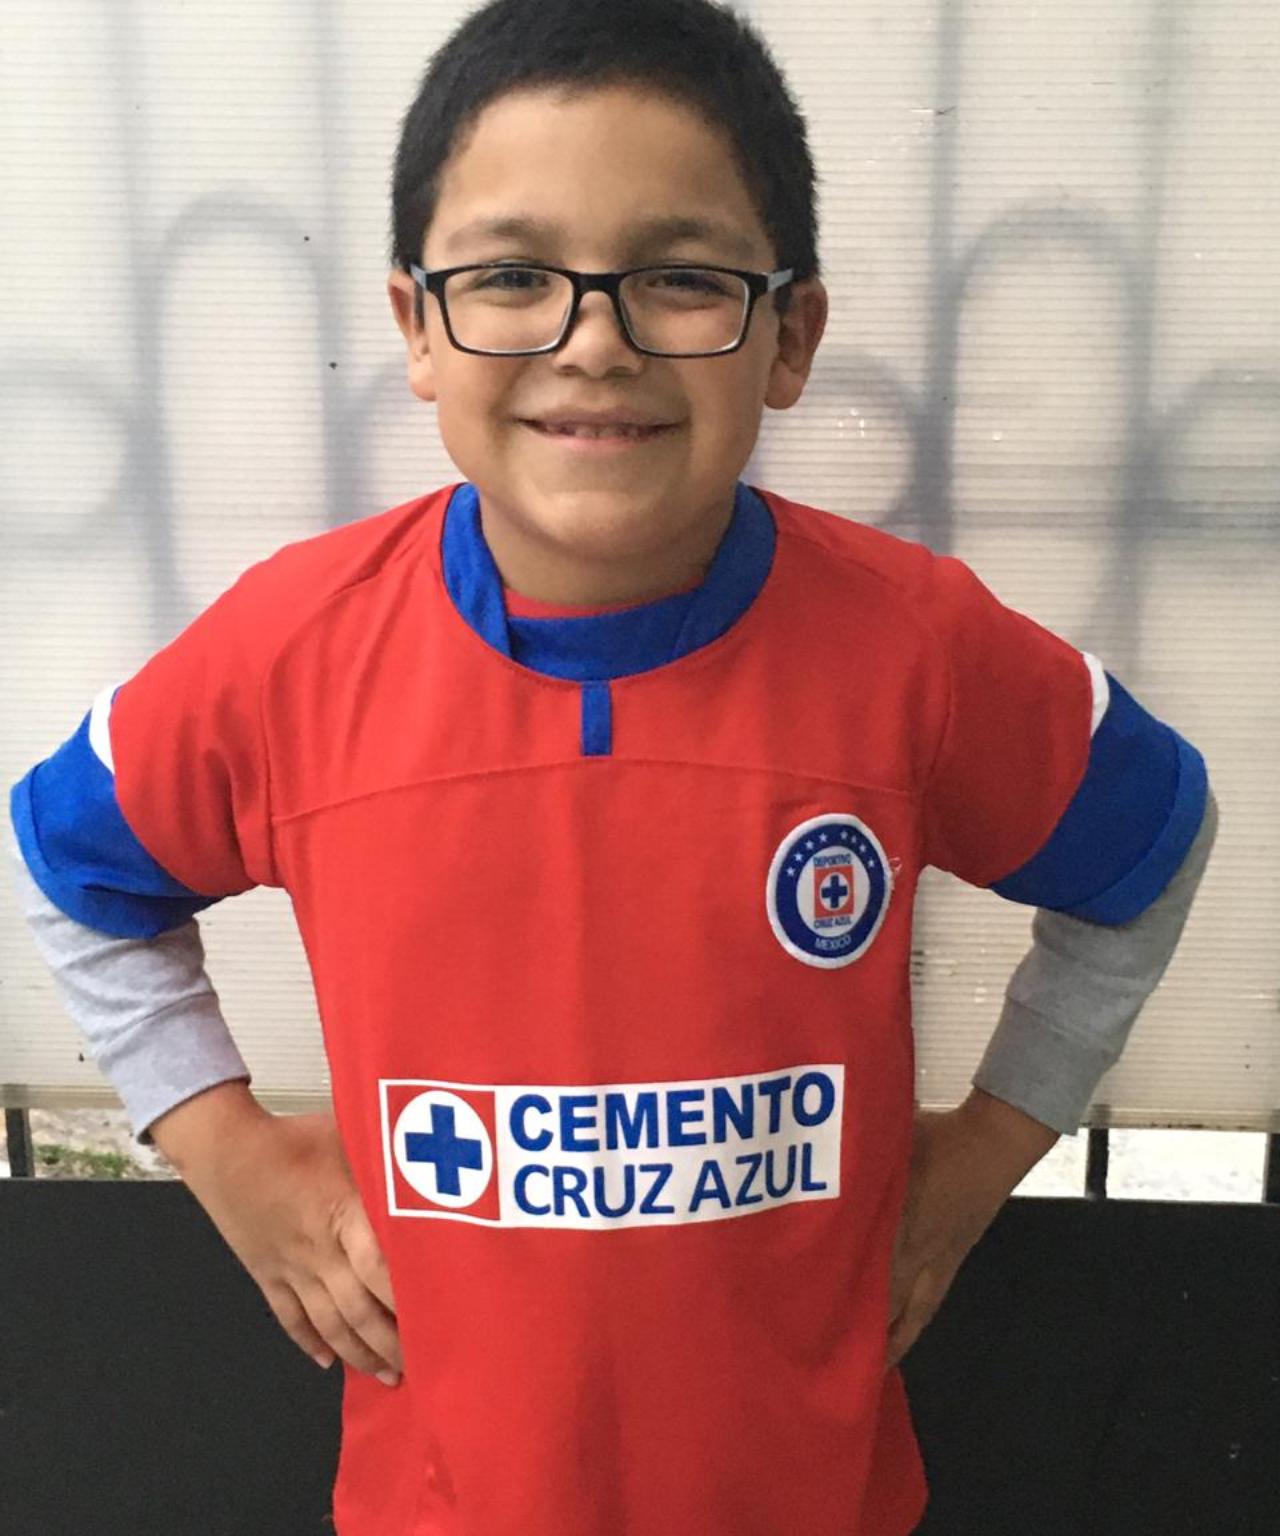 Gabo aficionado del Cruz Azul